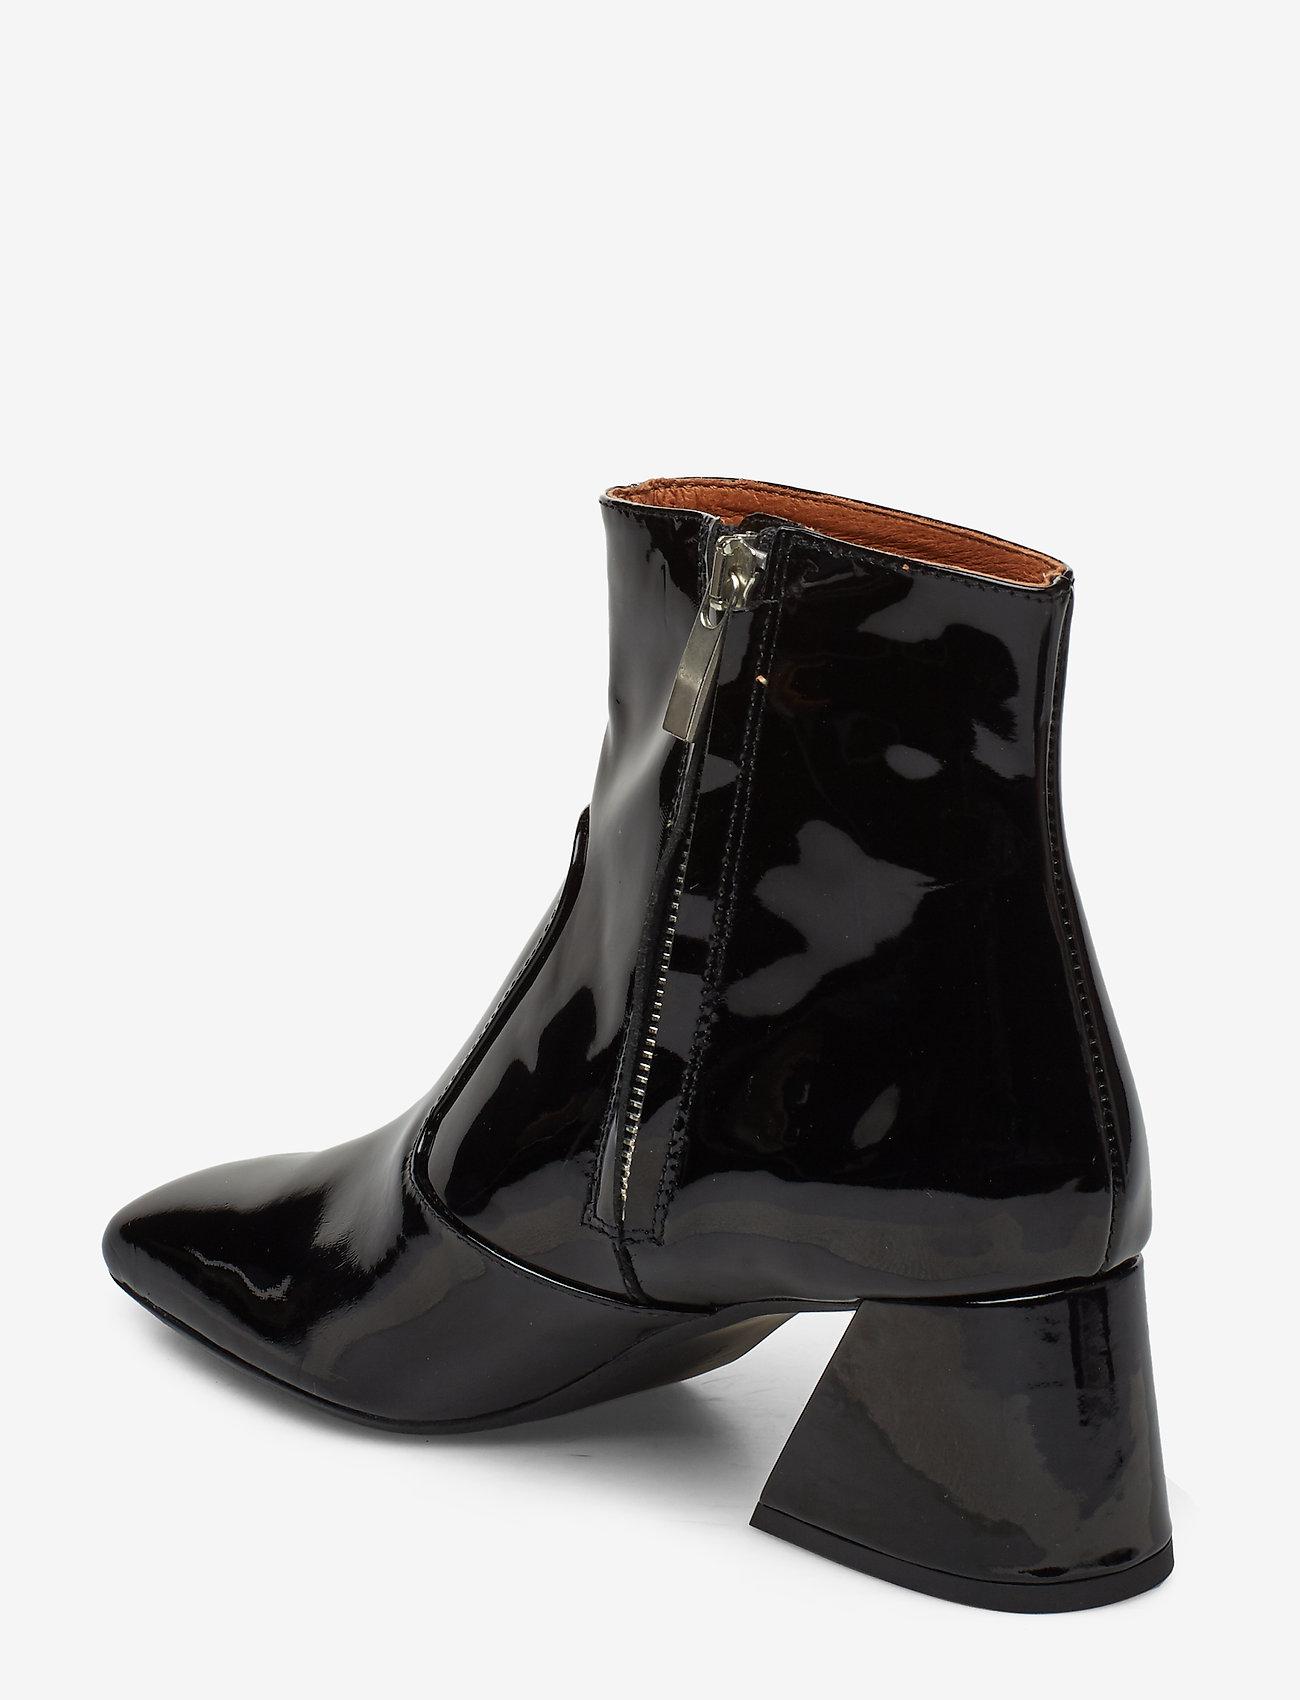 Nora Patent Black (Black) - Henry Kole